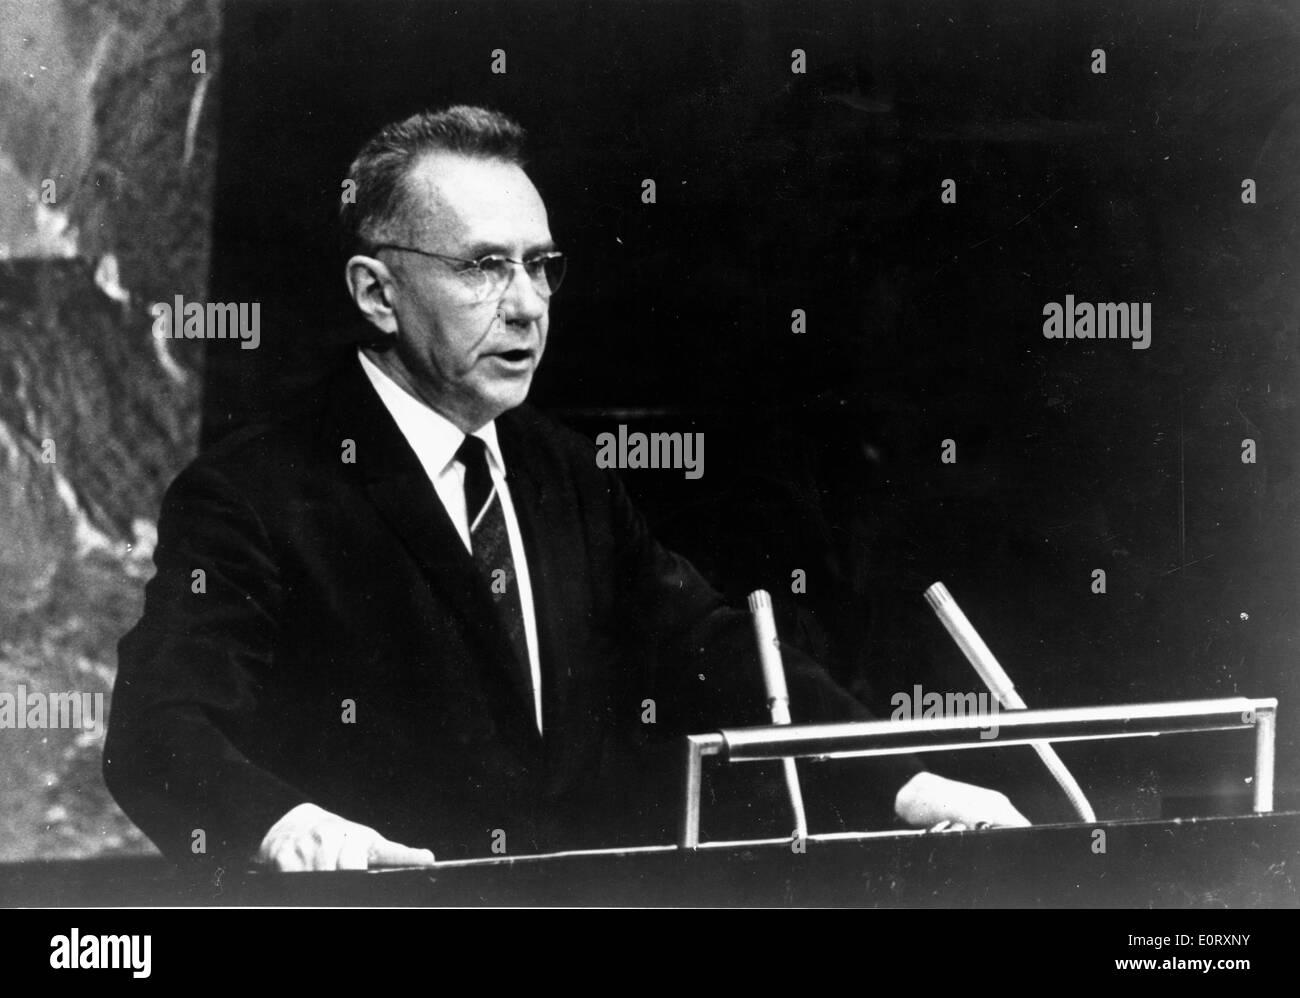 Alexei Kosygin spricht vor UN-Vollversammlung Stockbild